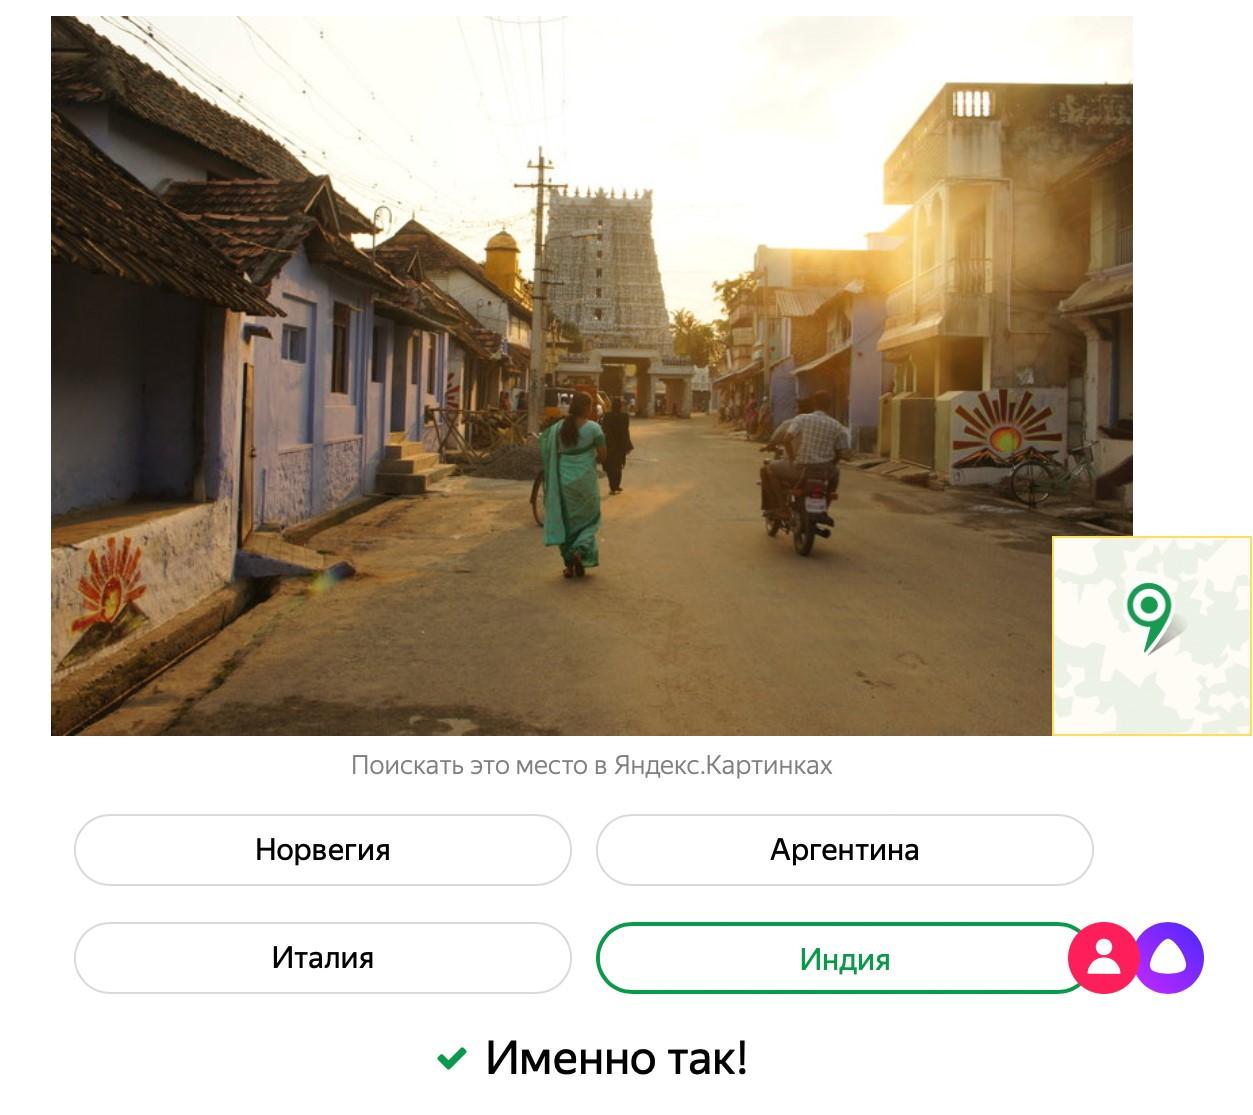 Как Алиса узнаёт страны по фотографиям. Исследование Яндекса - 2